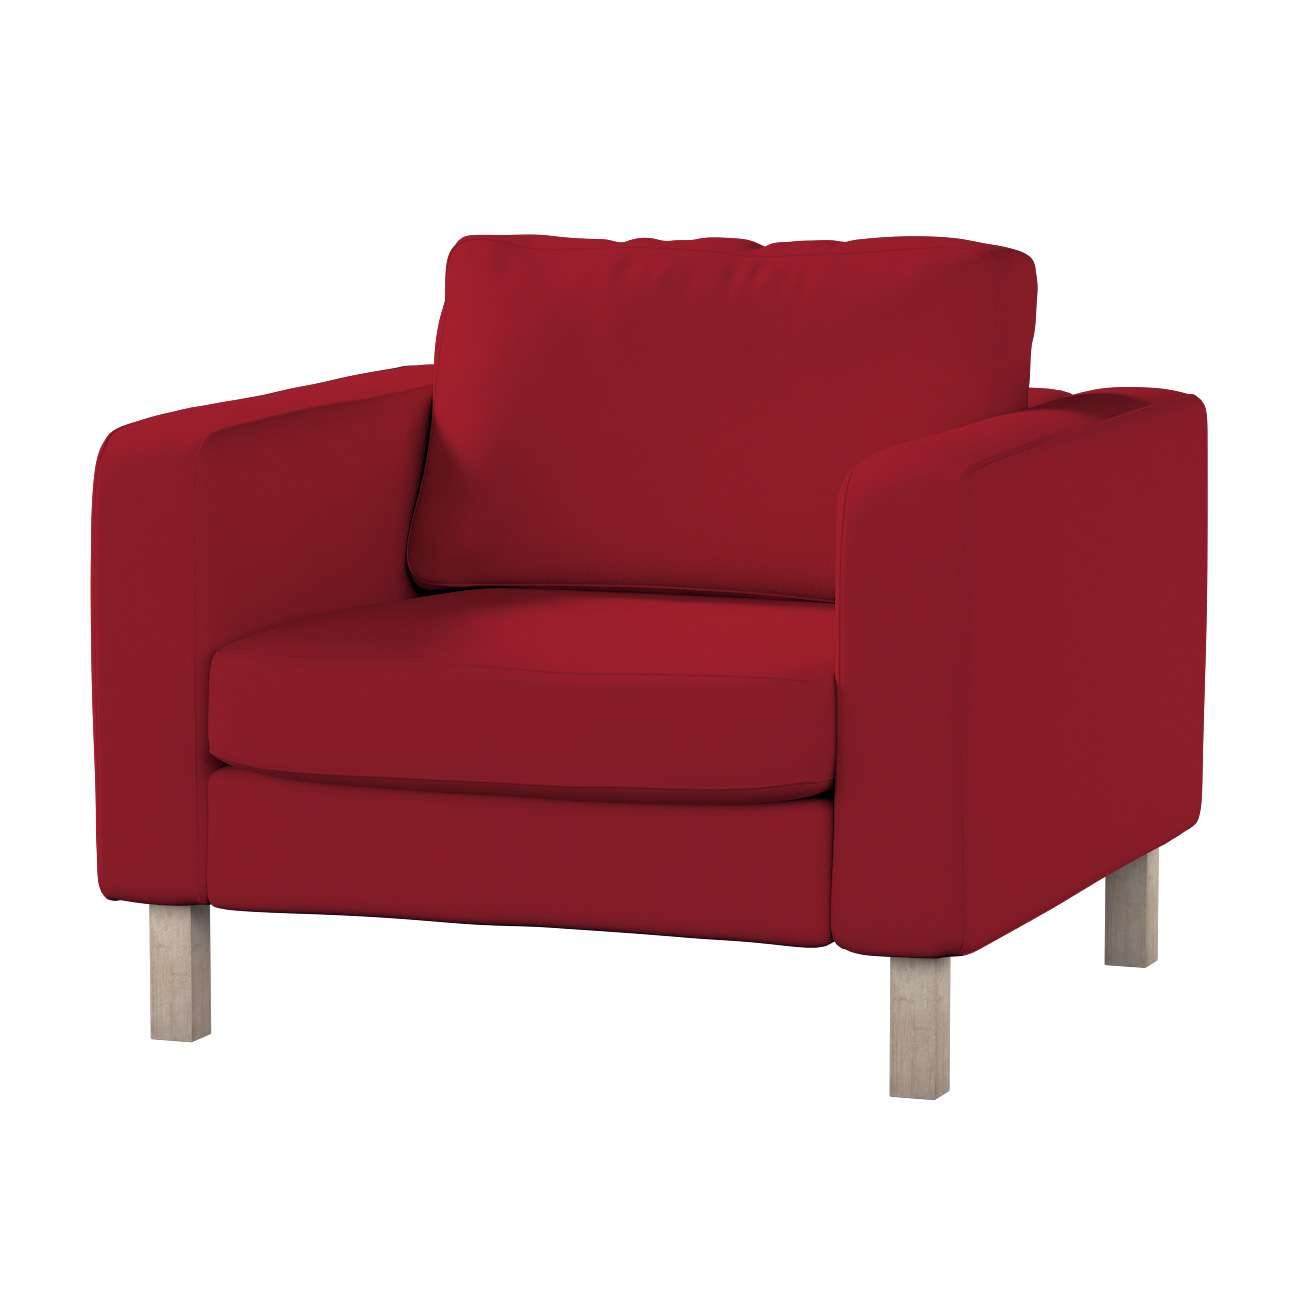 Karlstad fotelio užvalkalas Karlstad fotelio užvalkalas kolekcijoje Chenille, audinys: 702-24